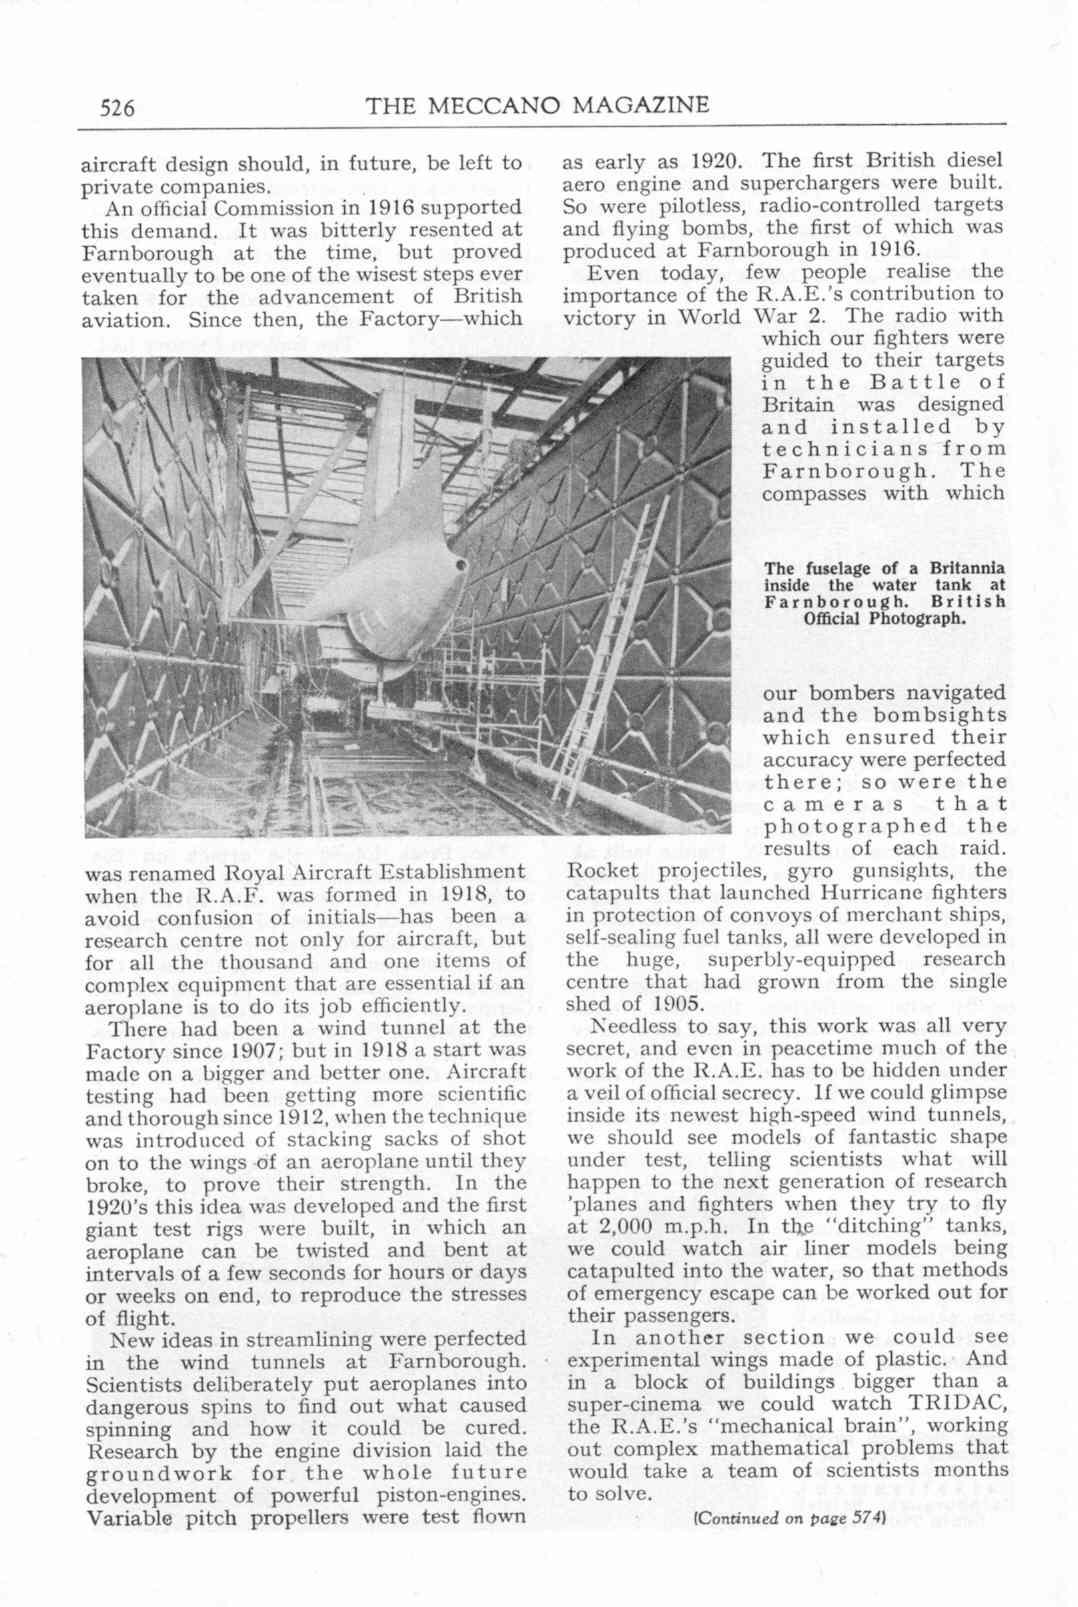 UK Meccano Magazine October 1955 Page 526